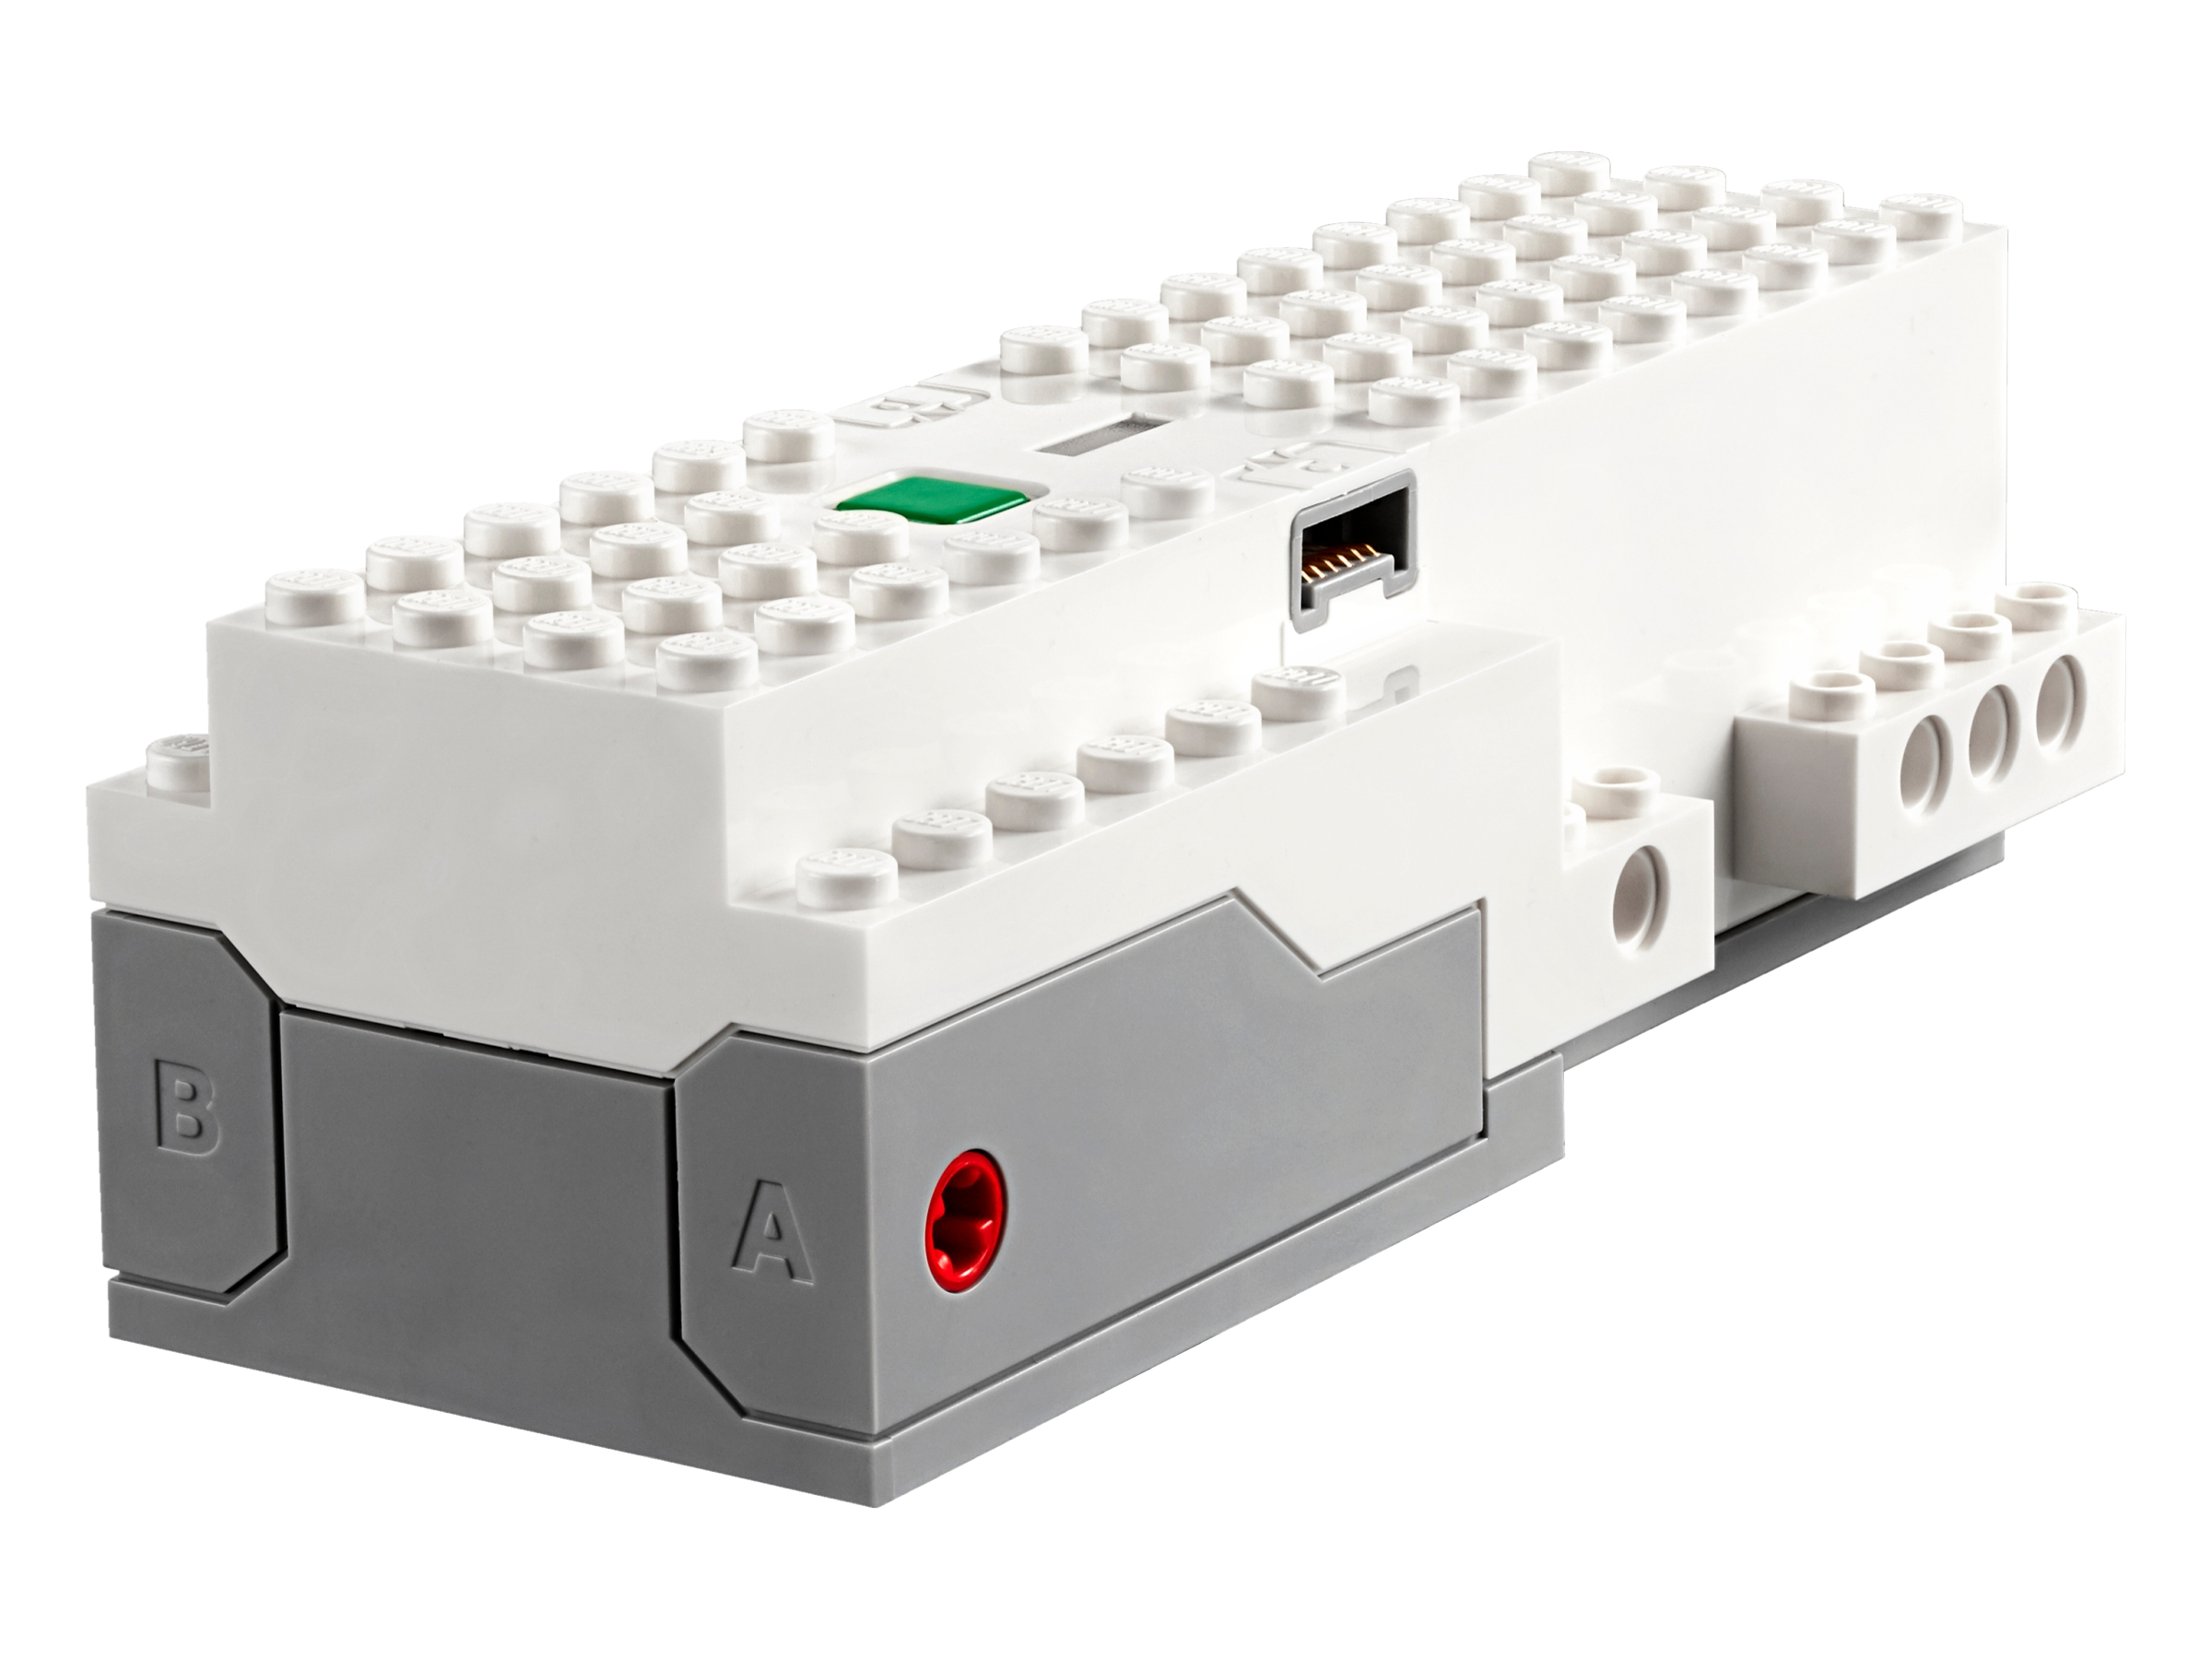 lego 88006 element move hub